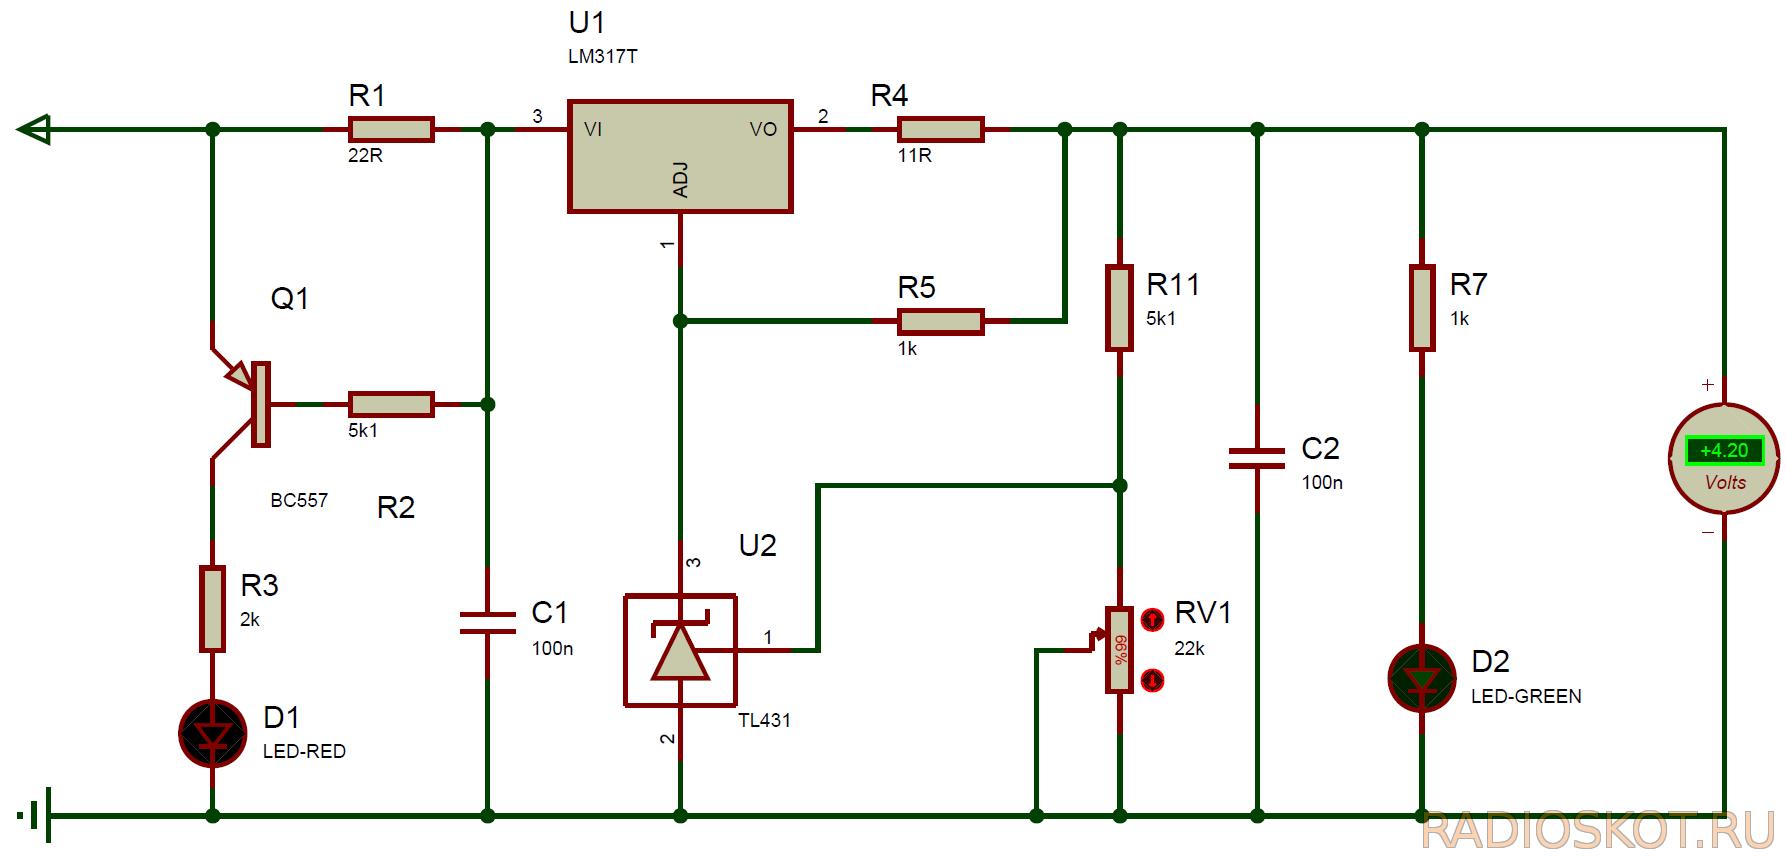 Схема контроллера литий-ионного аккумулятора мобильного телефона